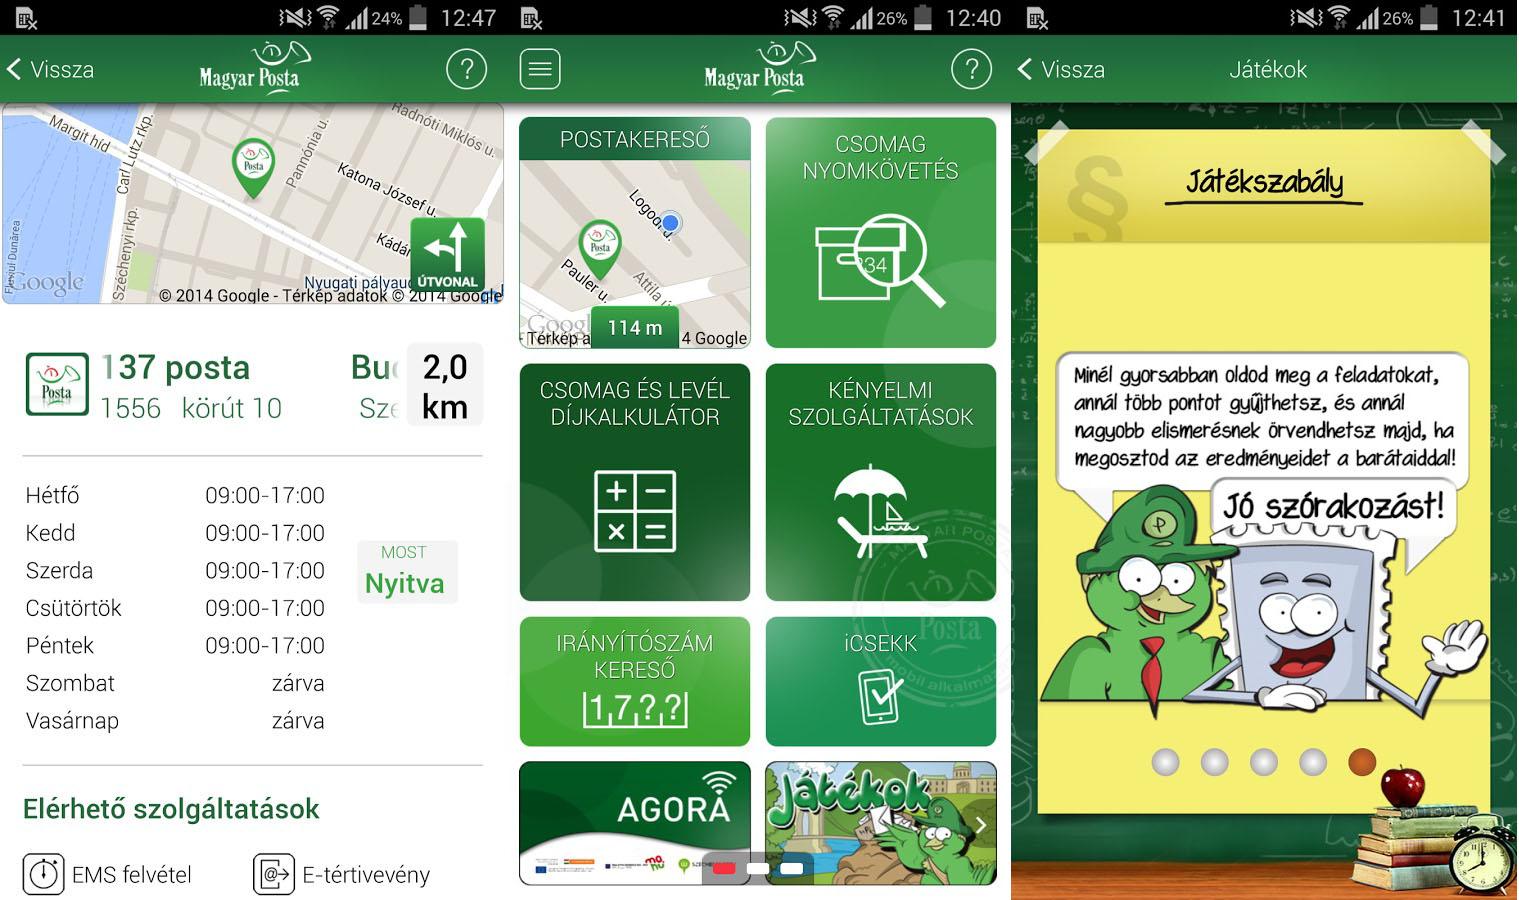 A csekkfizetés mellett akadnak még funkciók a Posta appjában